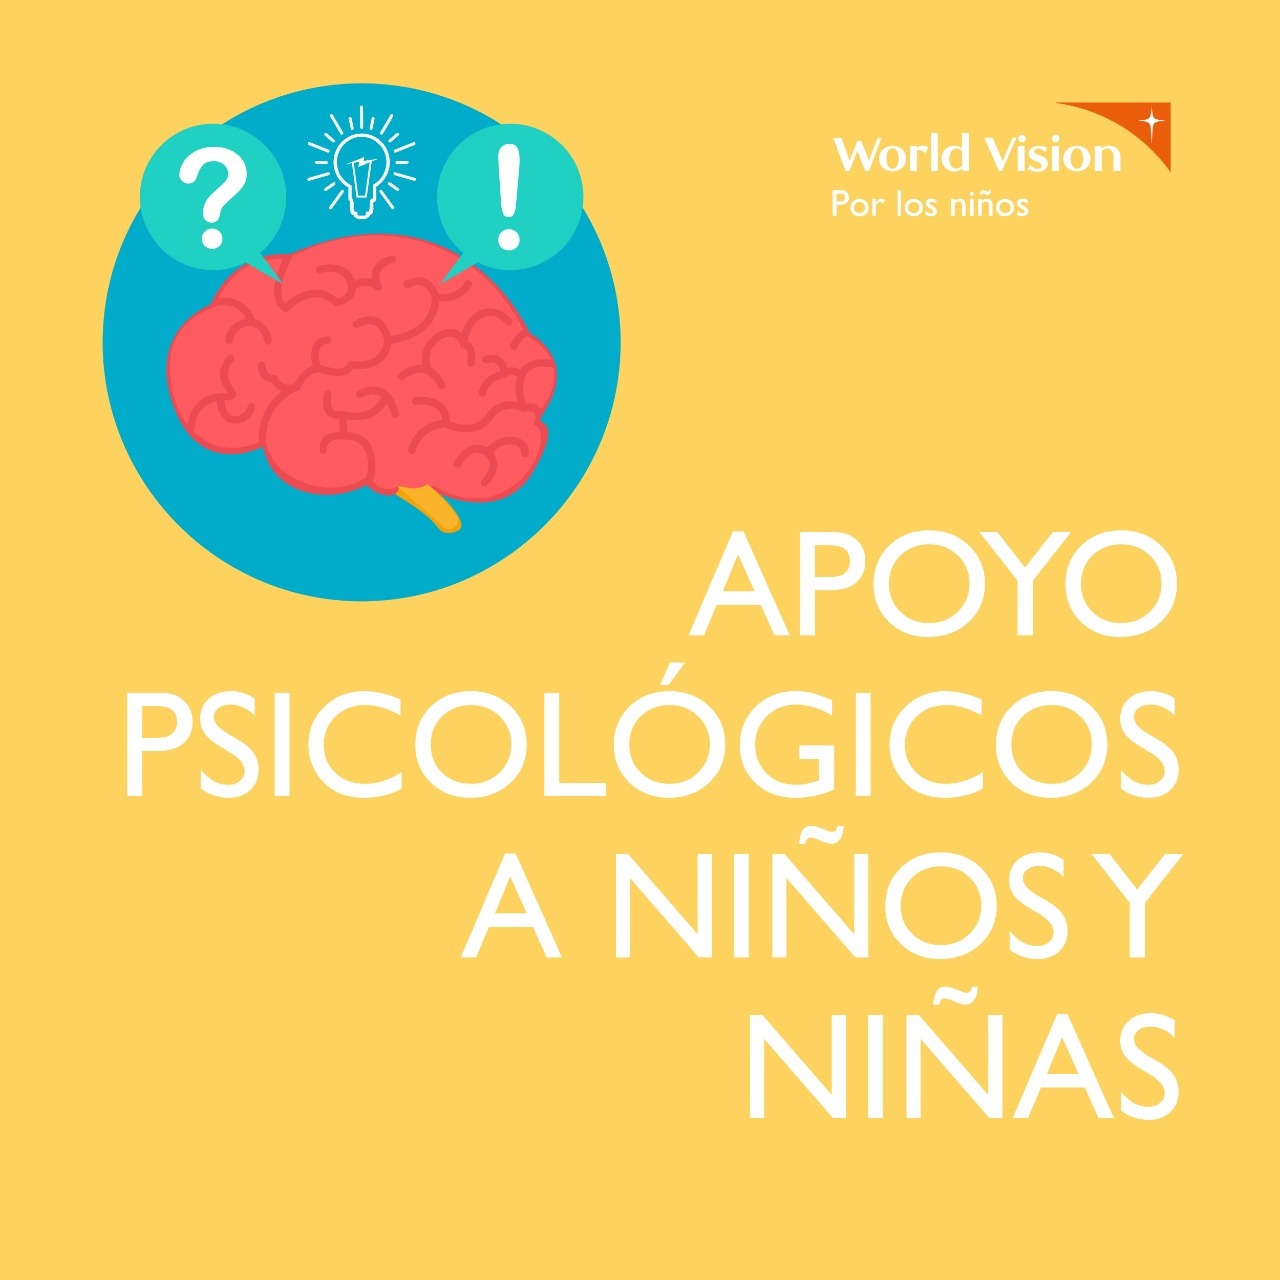 Psicologico0